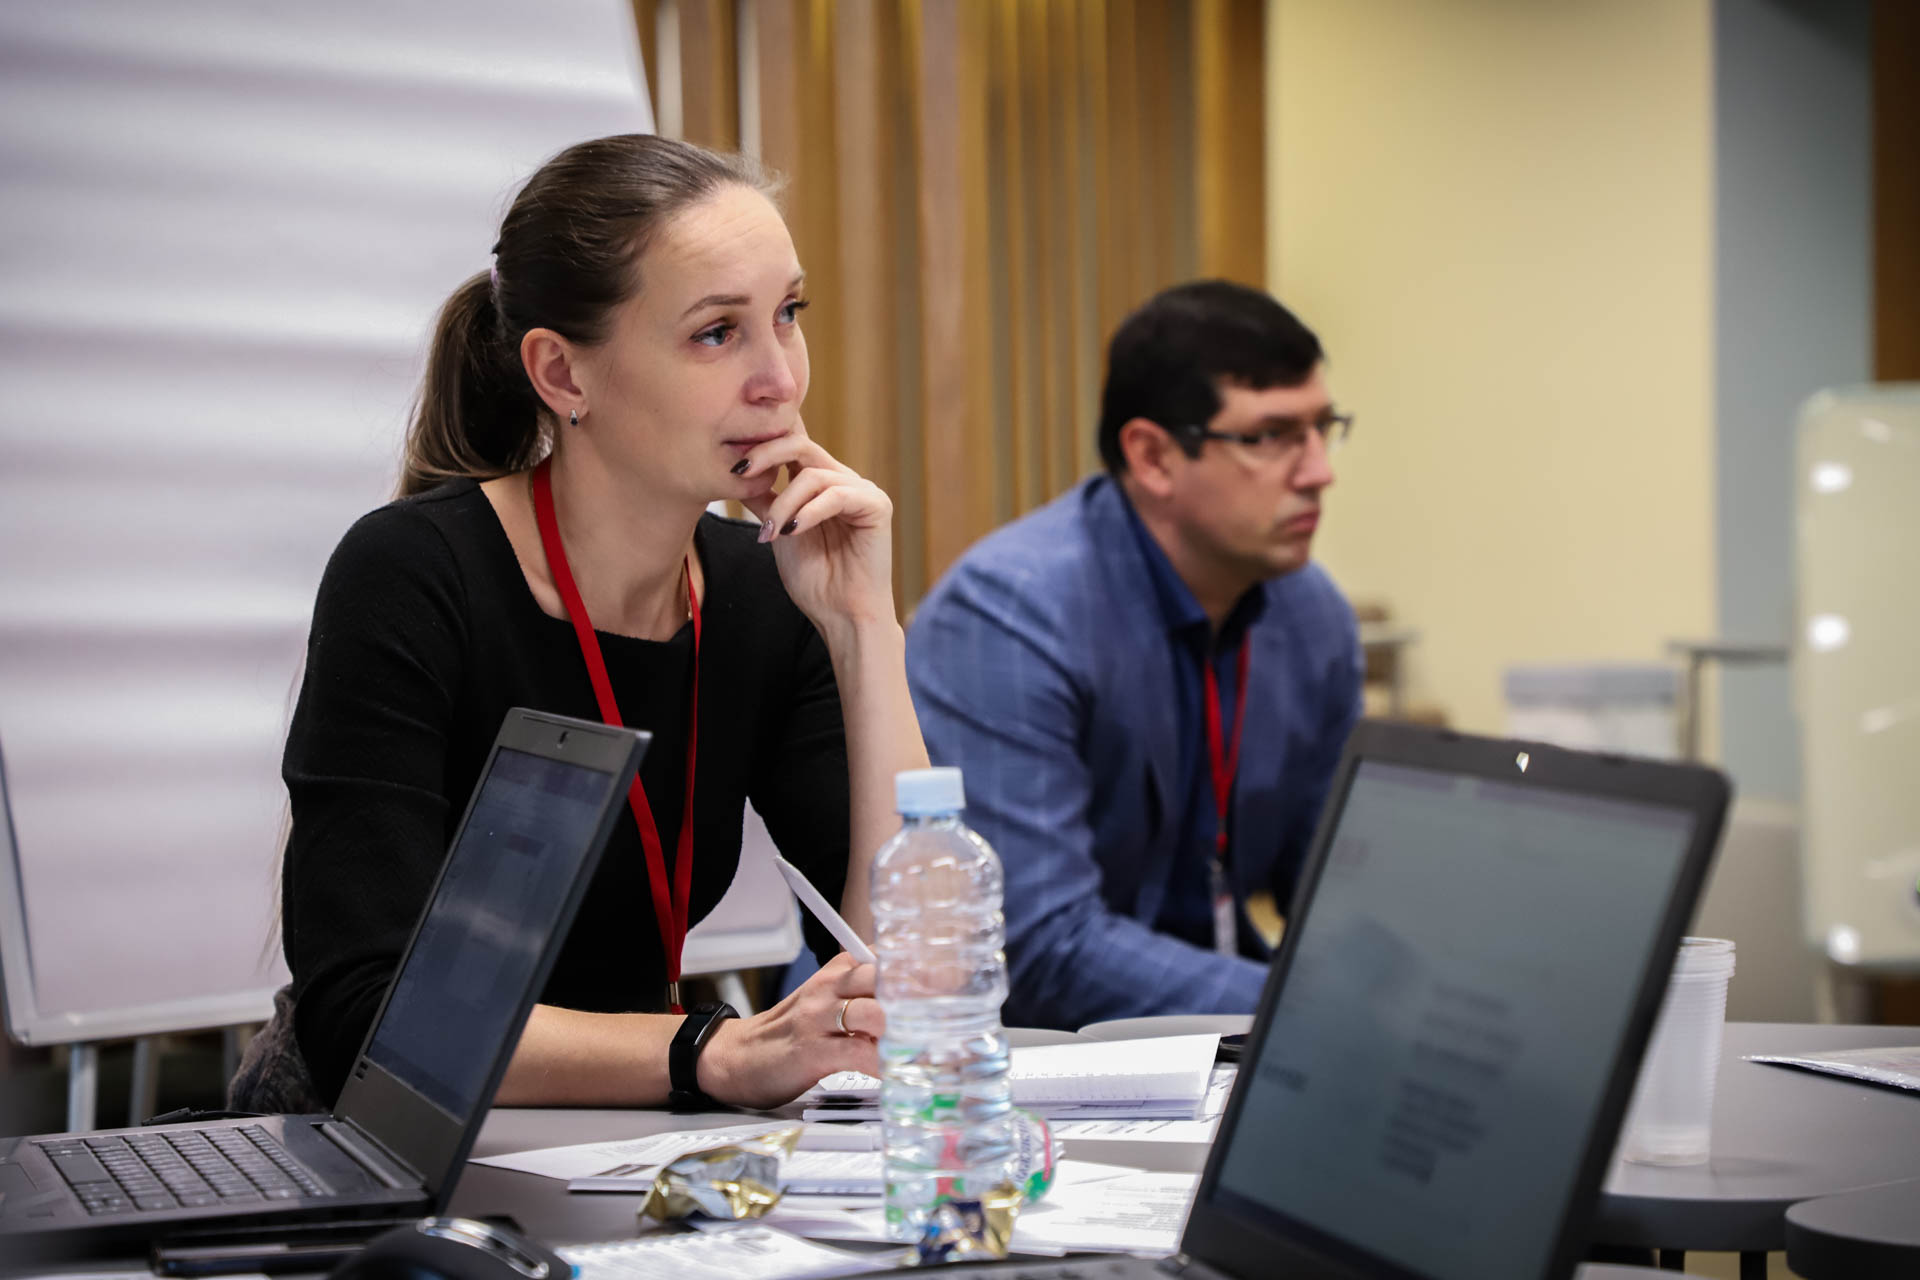 В программе «Лидерство в образовании: командная траектория» прошел образовательный интенсив